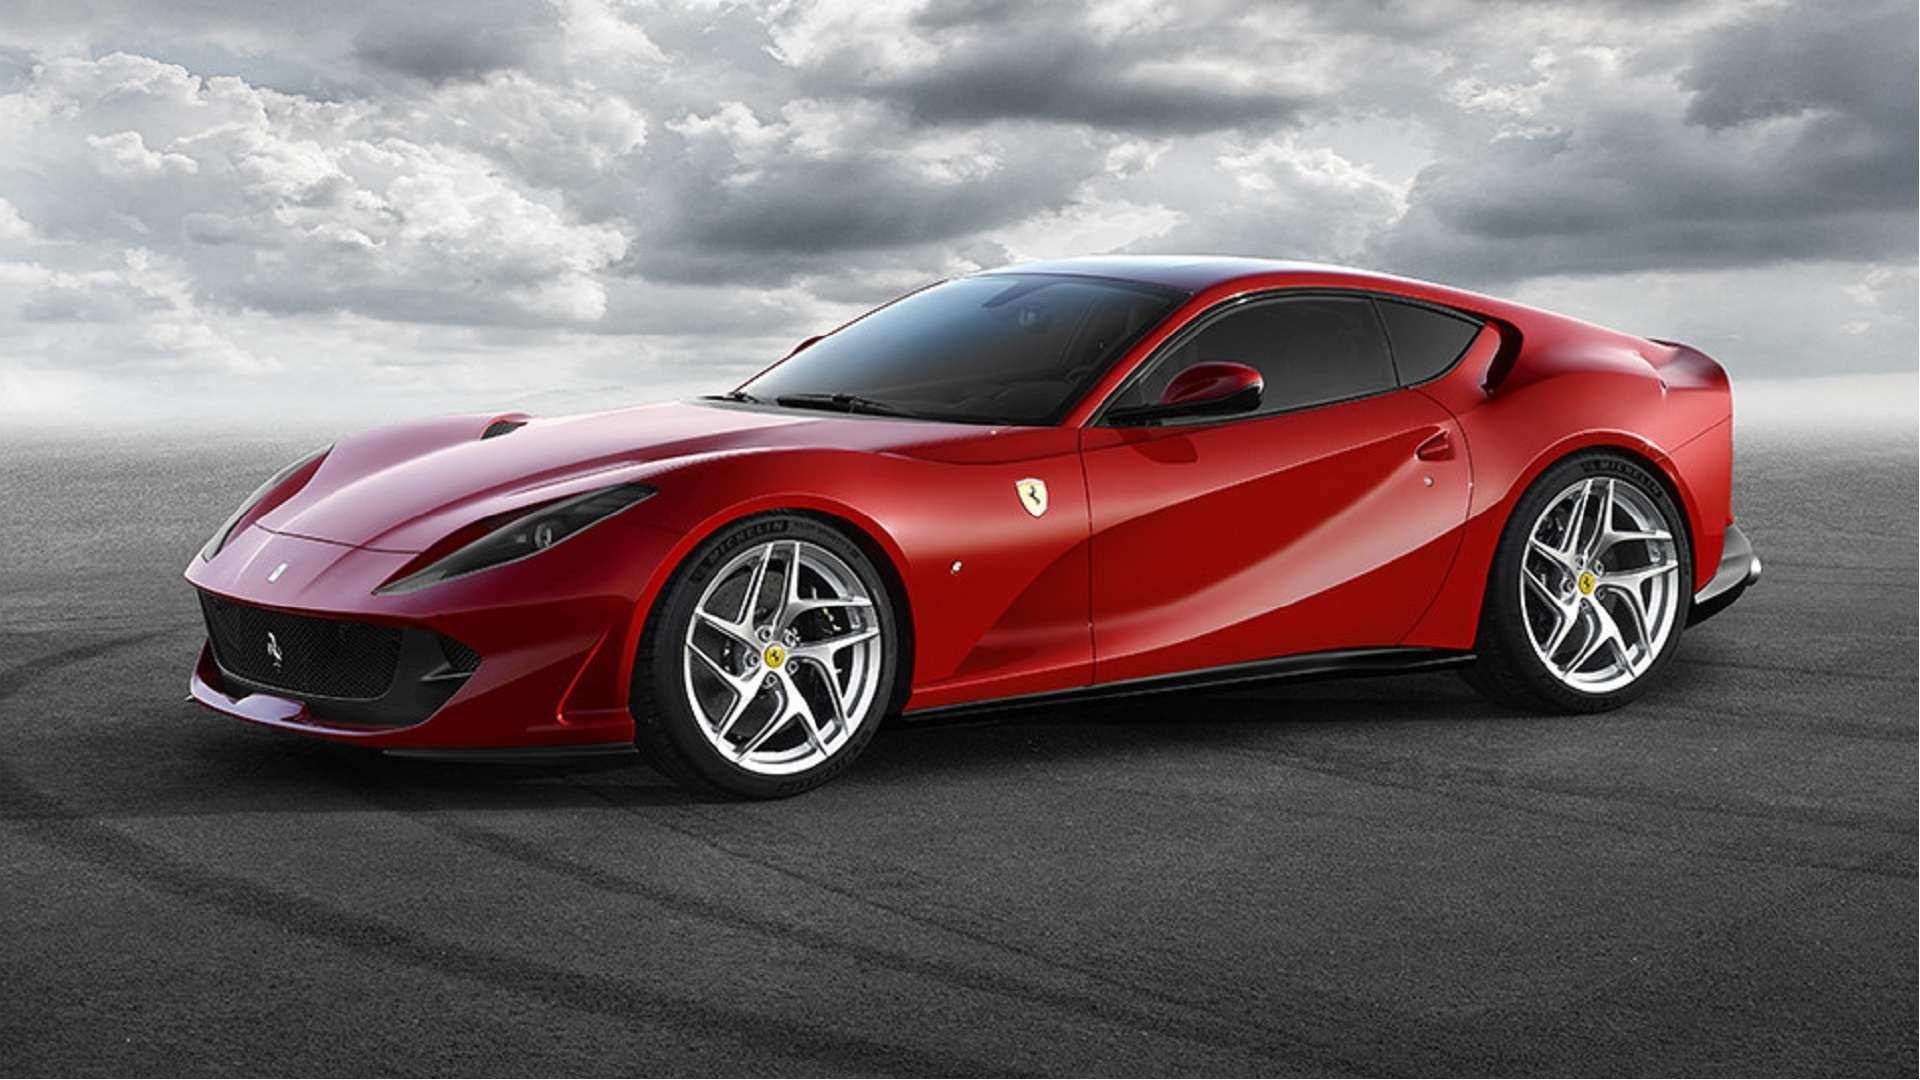 95 Gallery of 2019 Ferrari Gtc4Lusso Model by 2019 Ferrari Gtc4Lusso